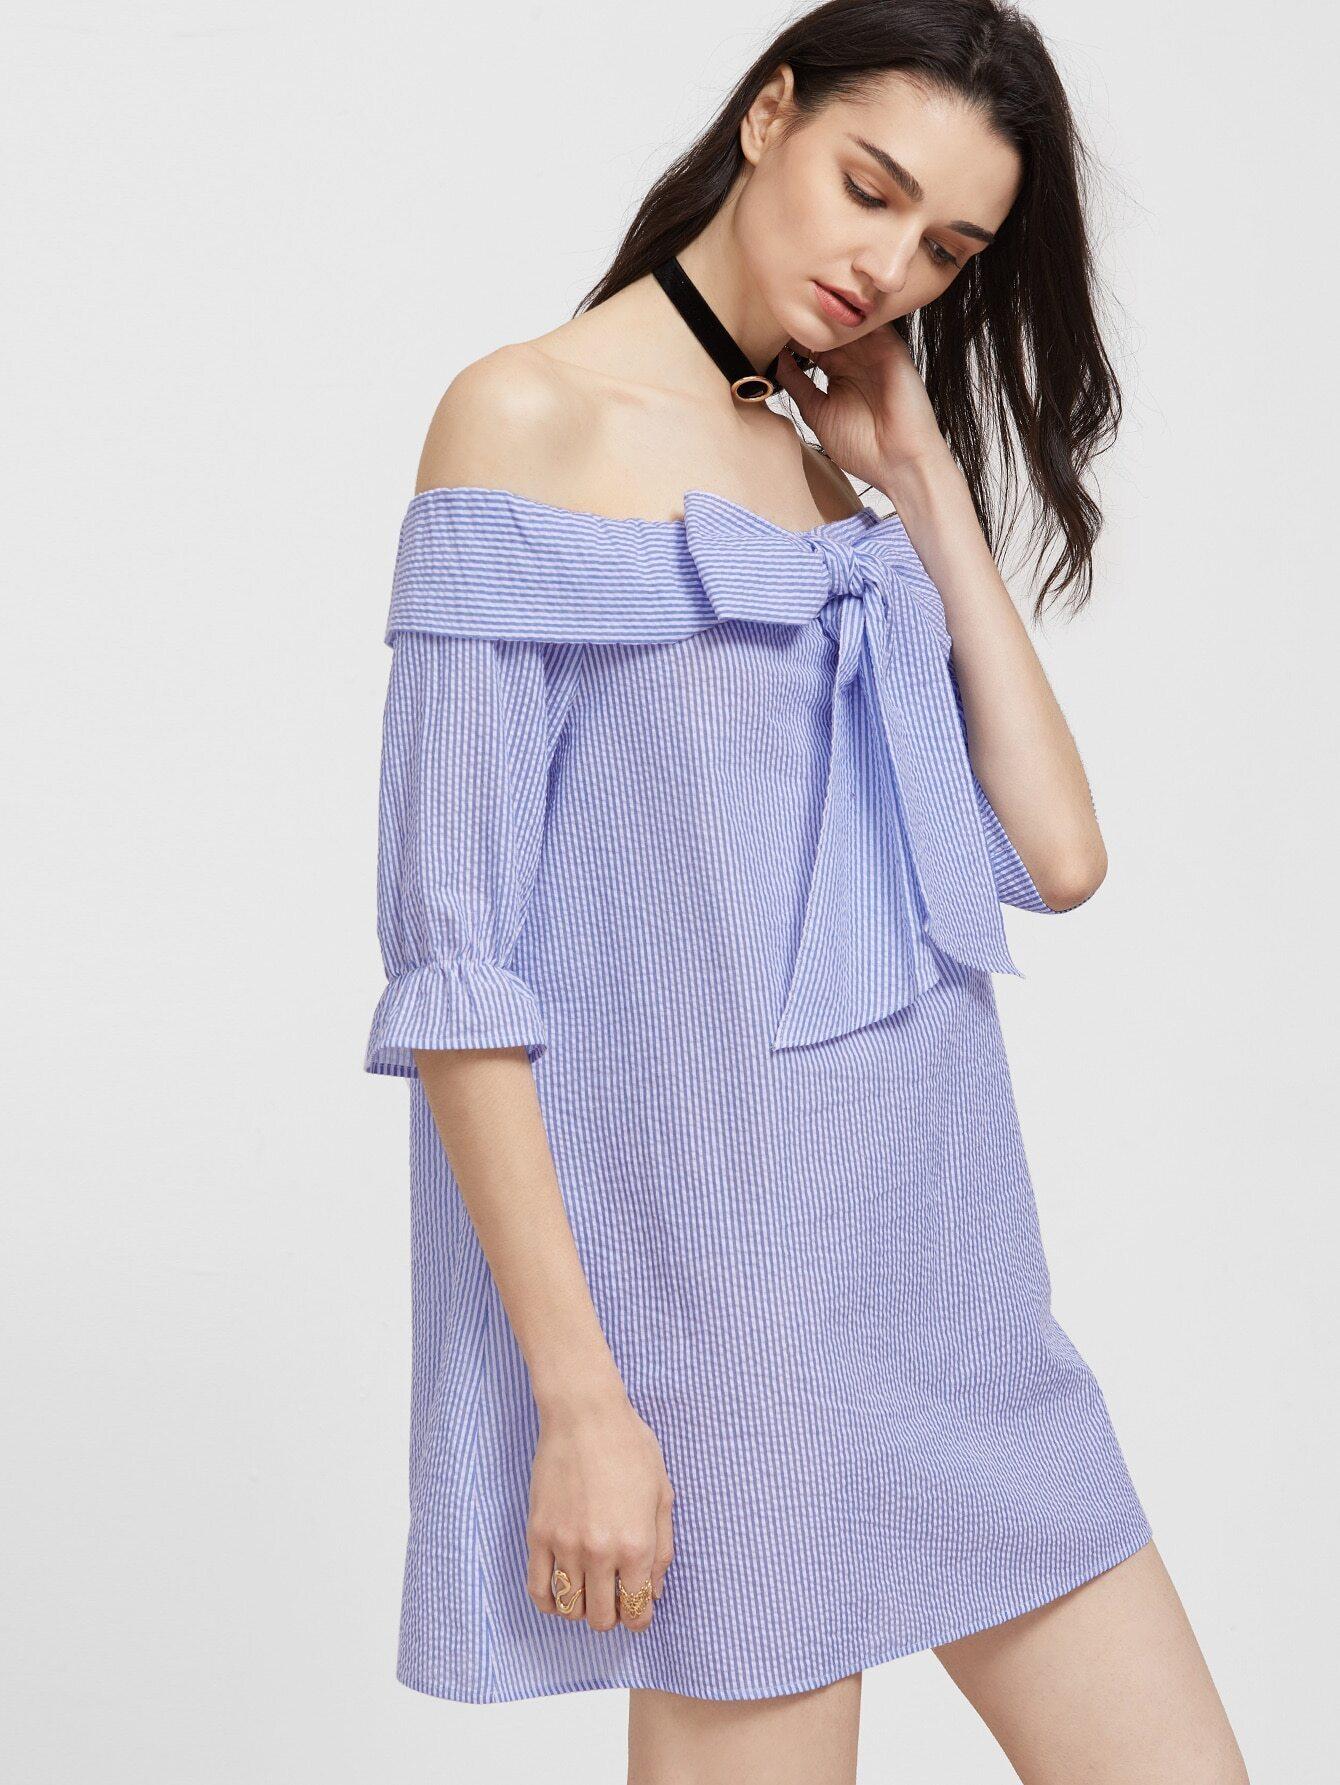 dress161212703_2